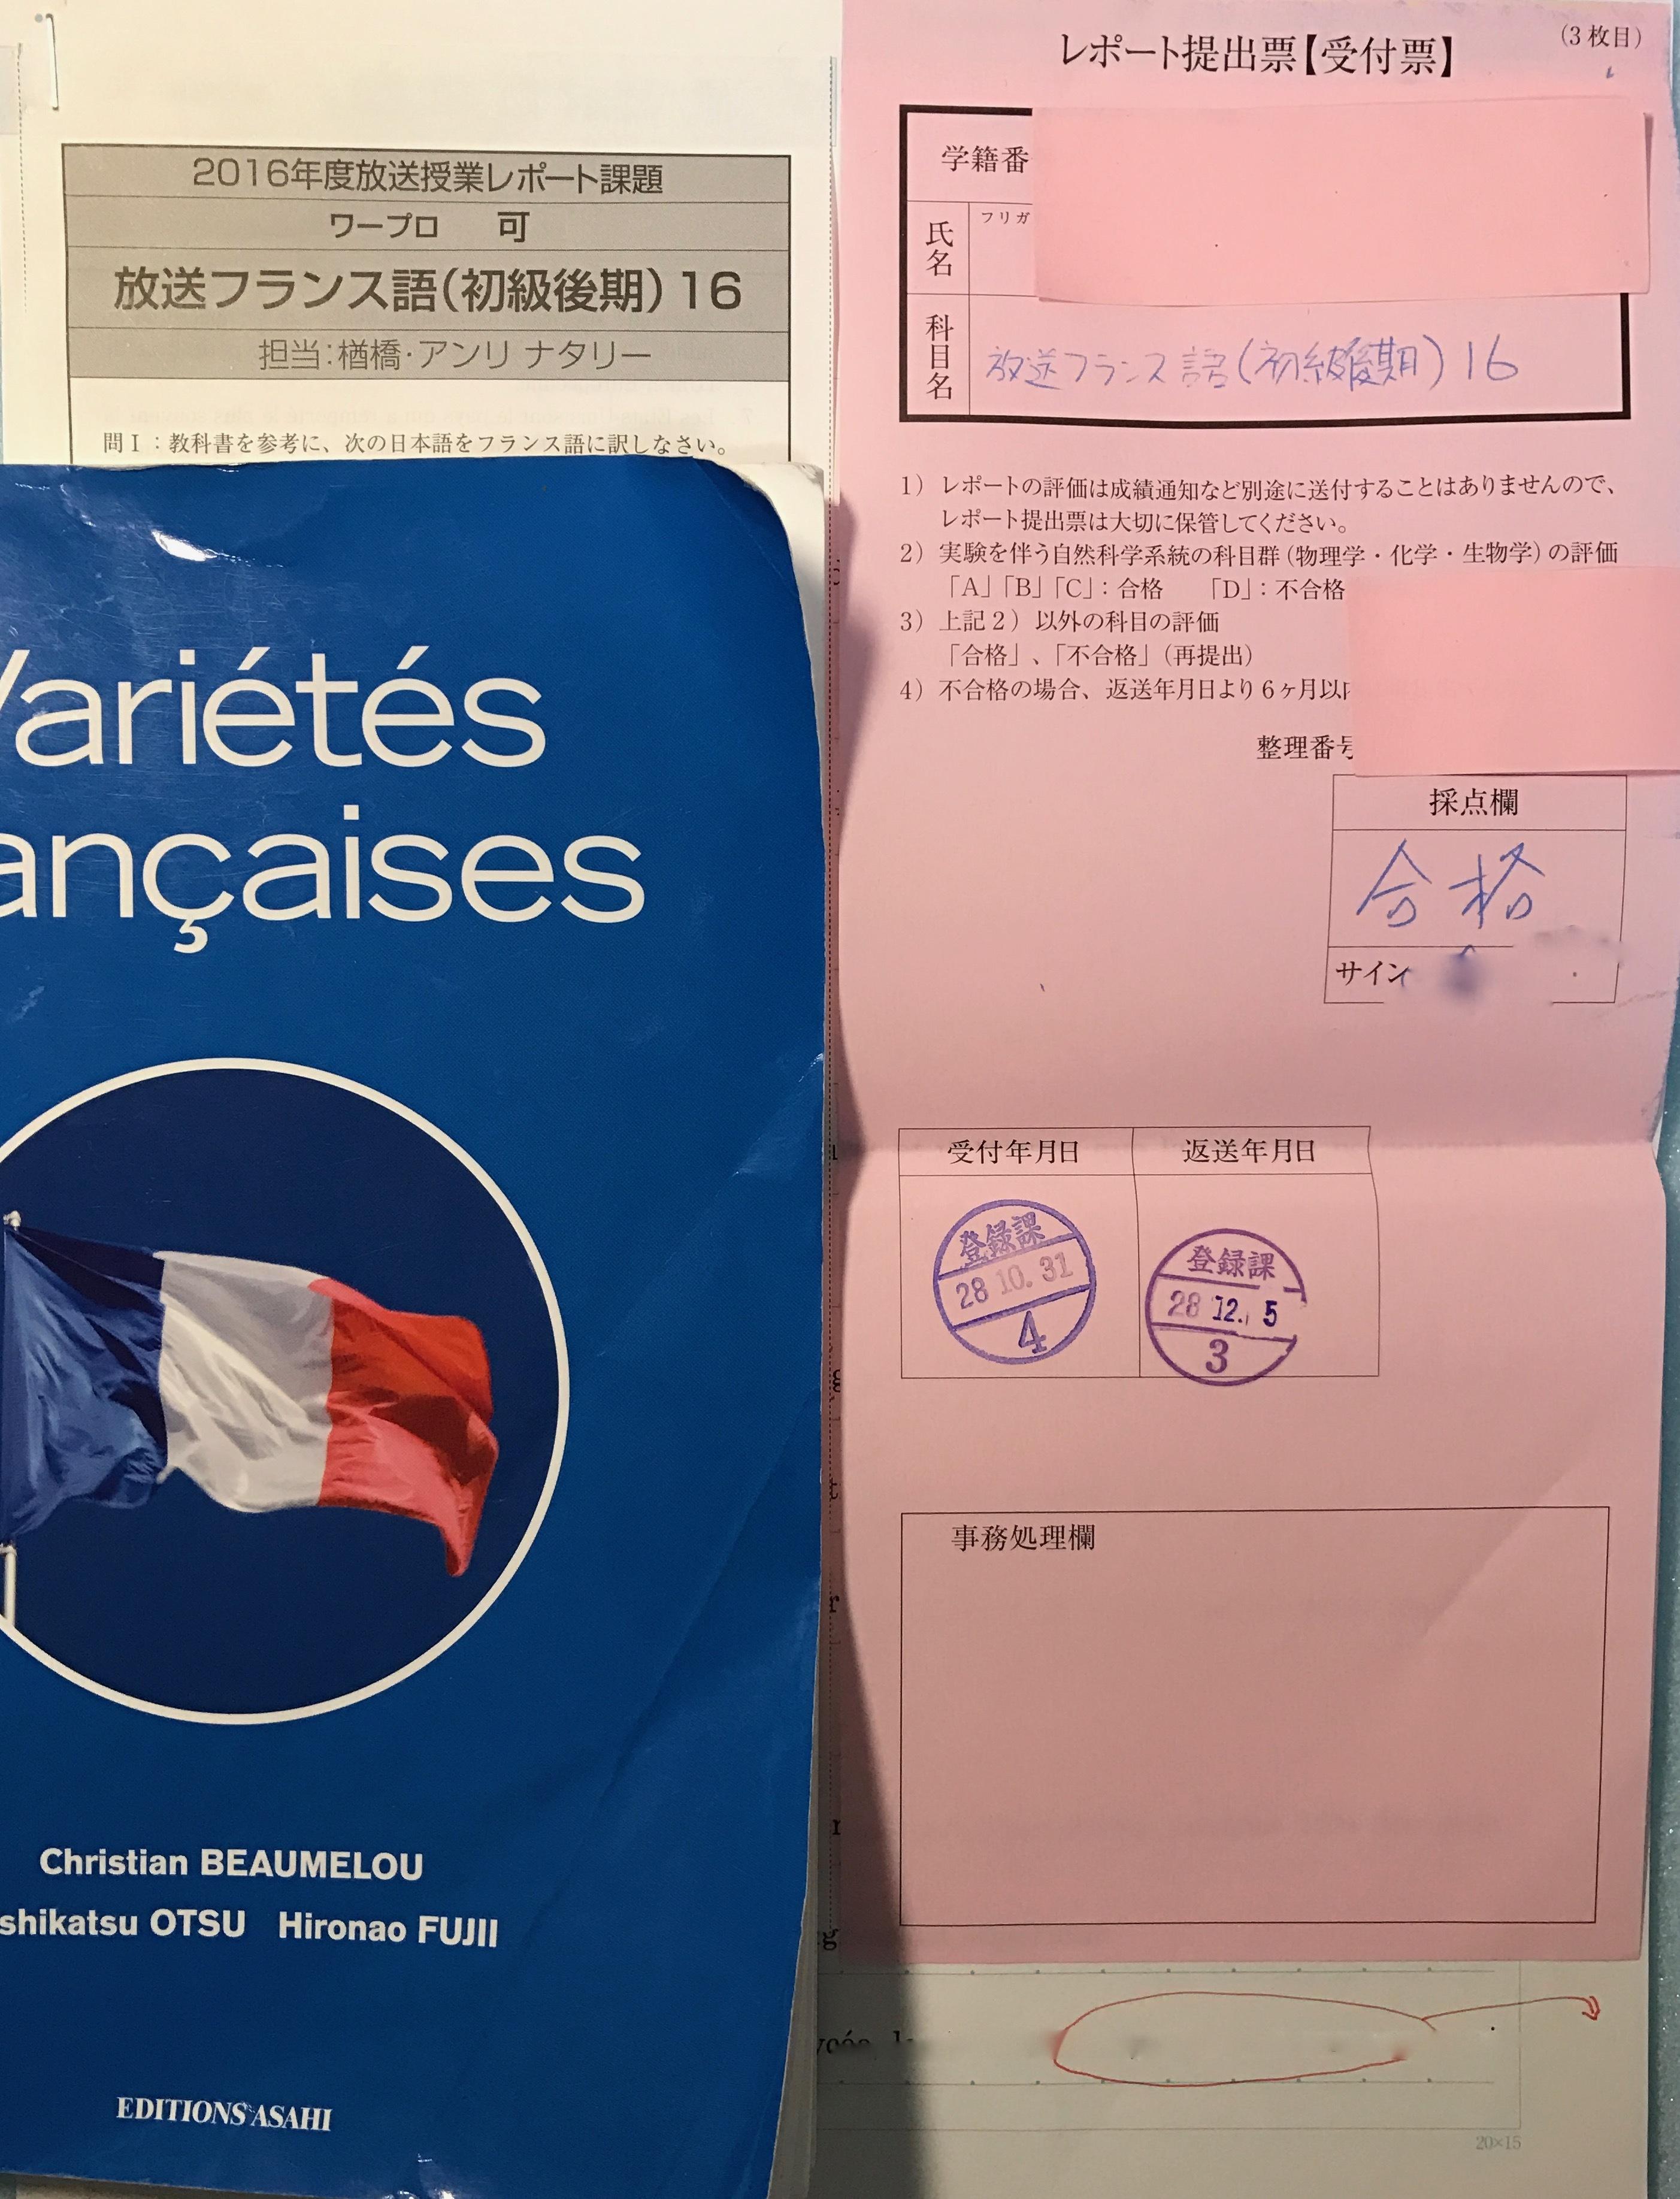 放送フランス語初級後期